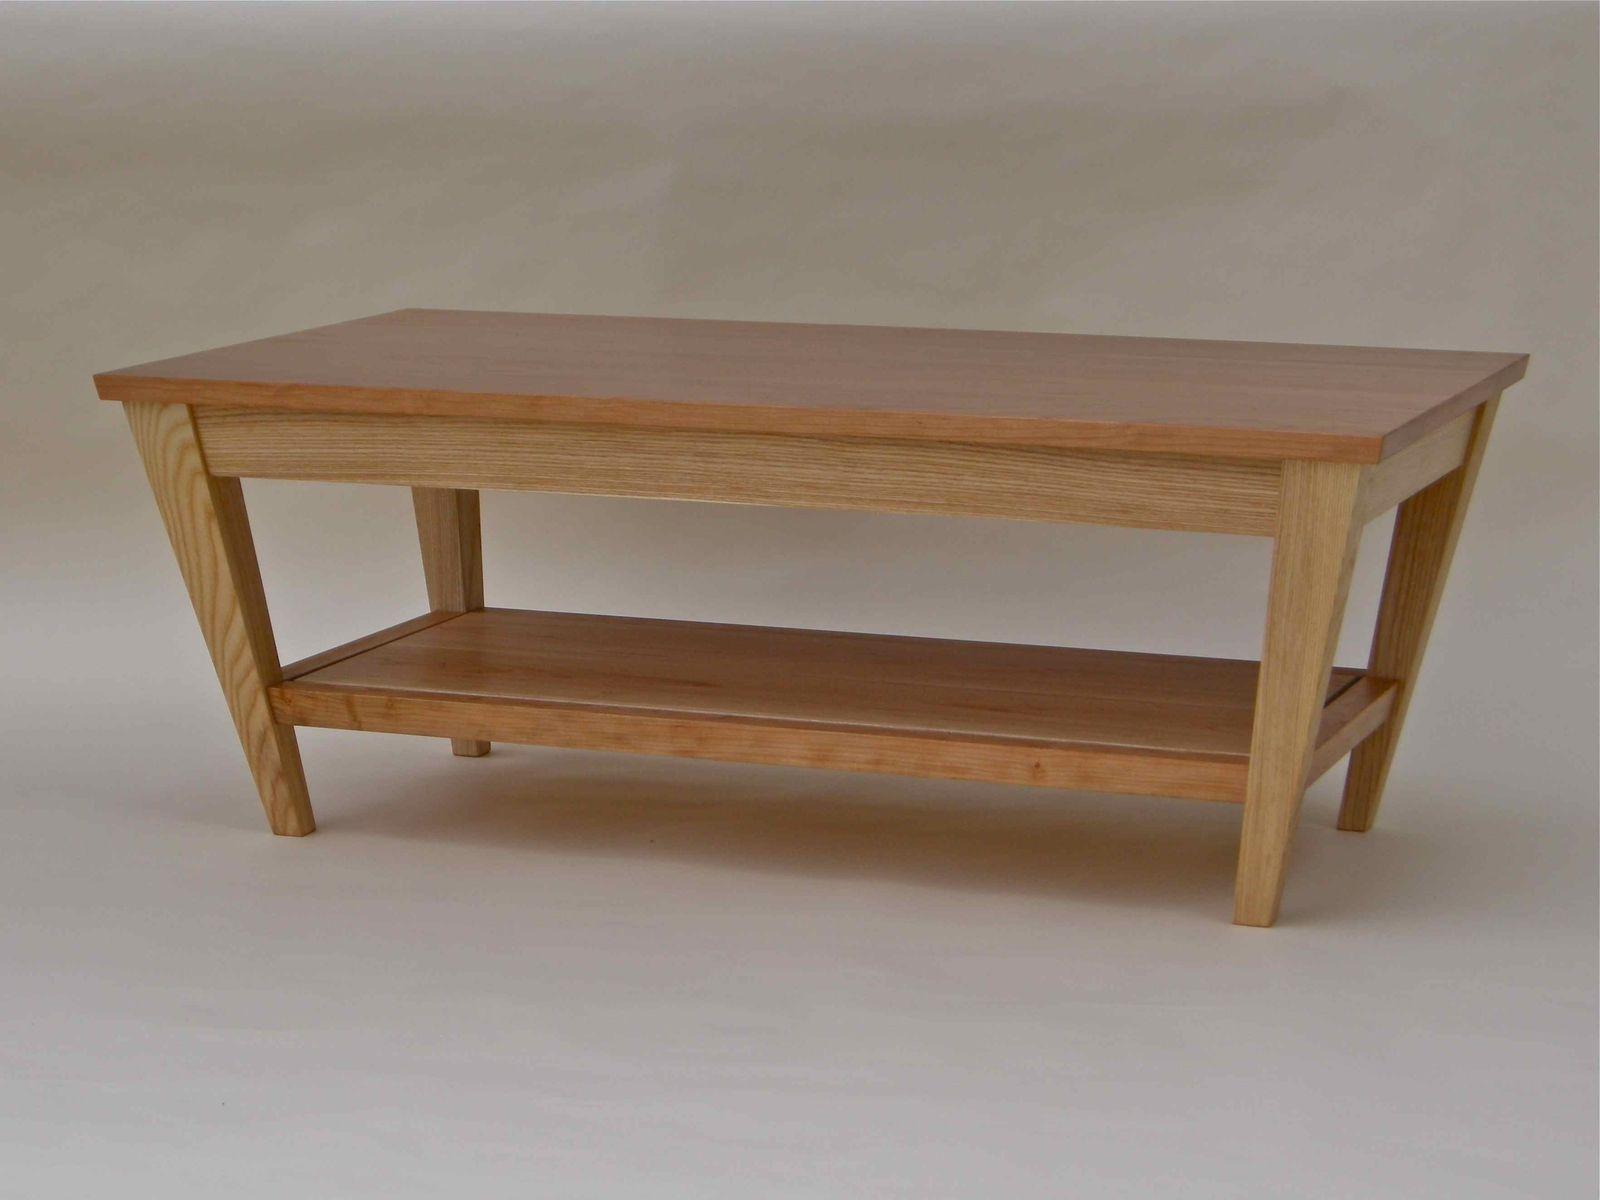 Custom Made Cherry + Ash Coffee Table by Corwin